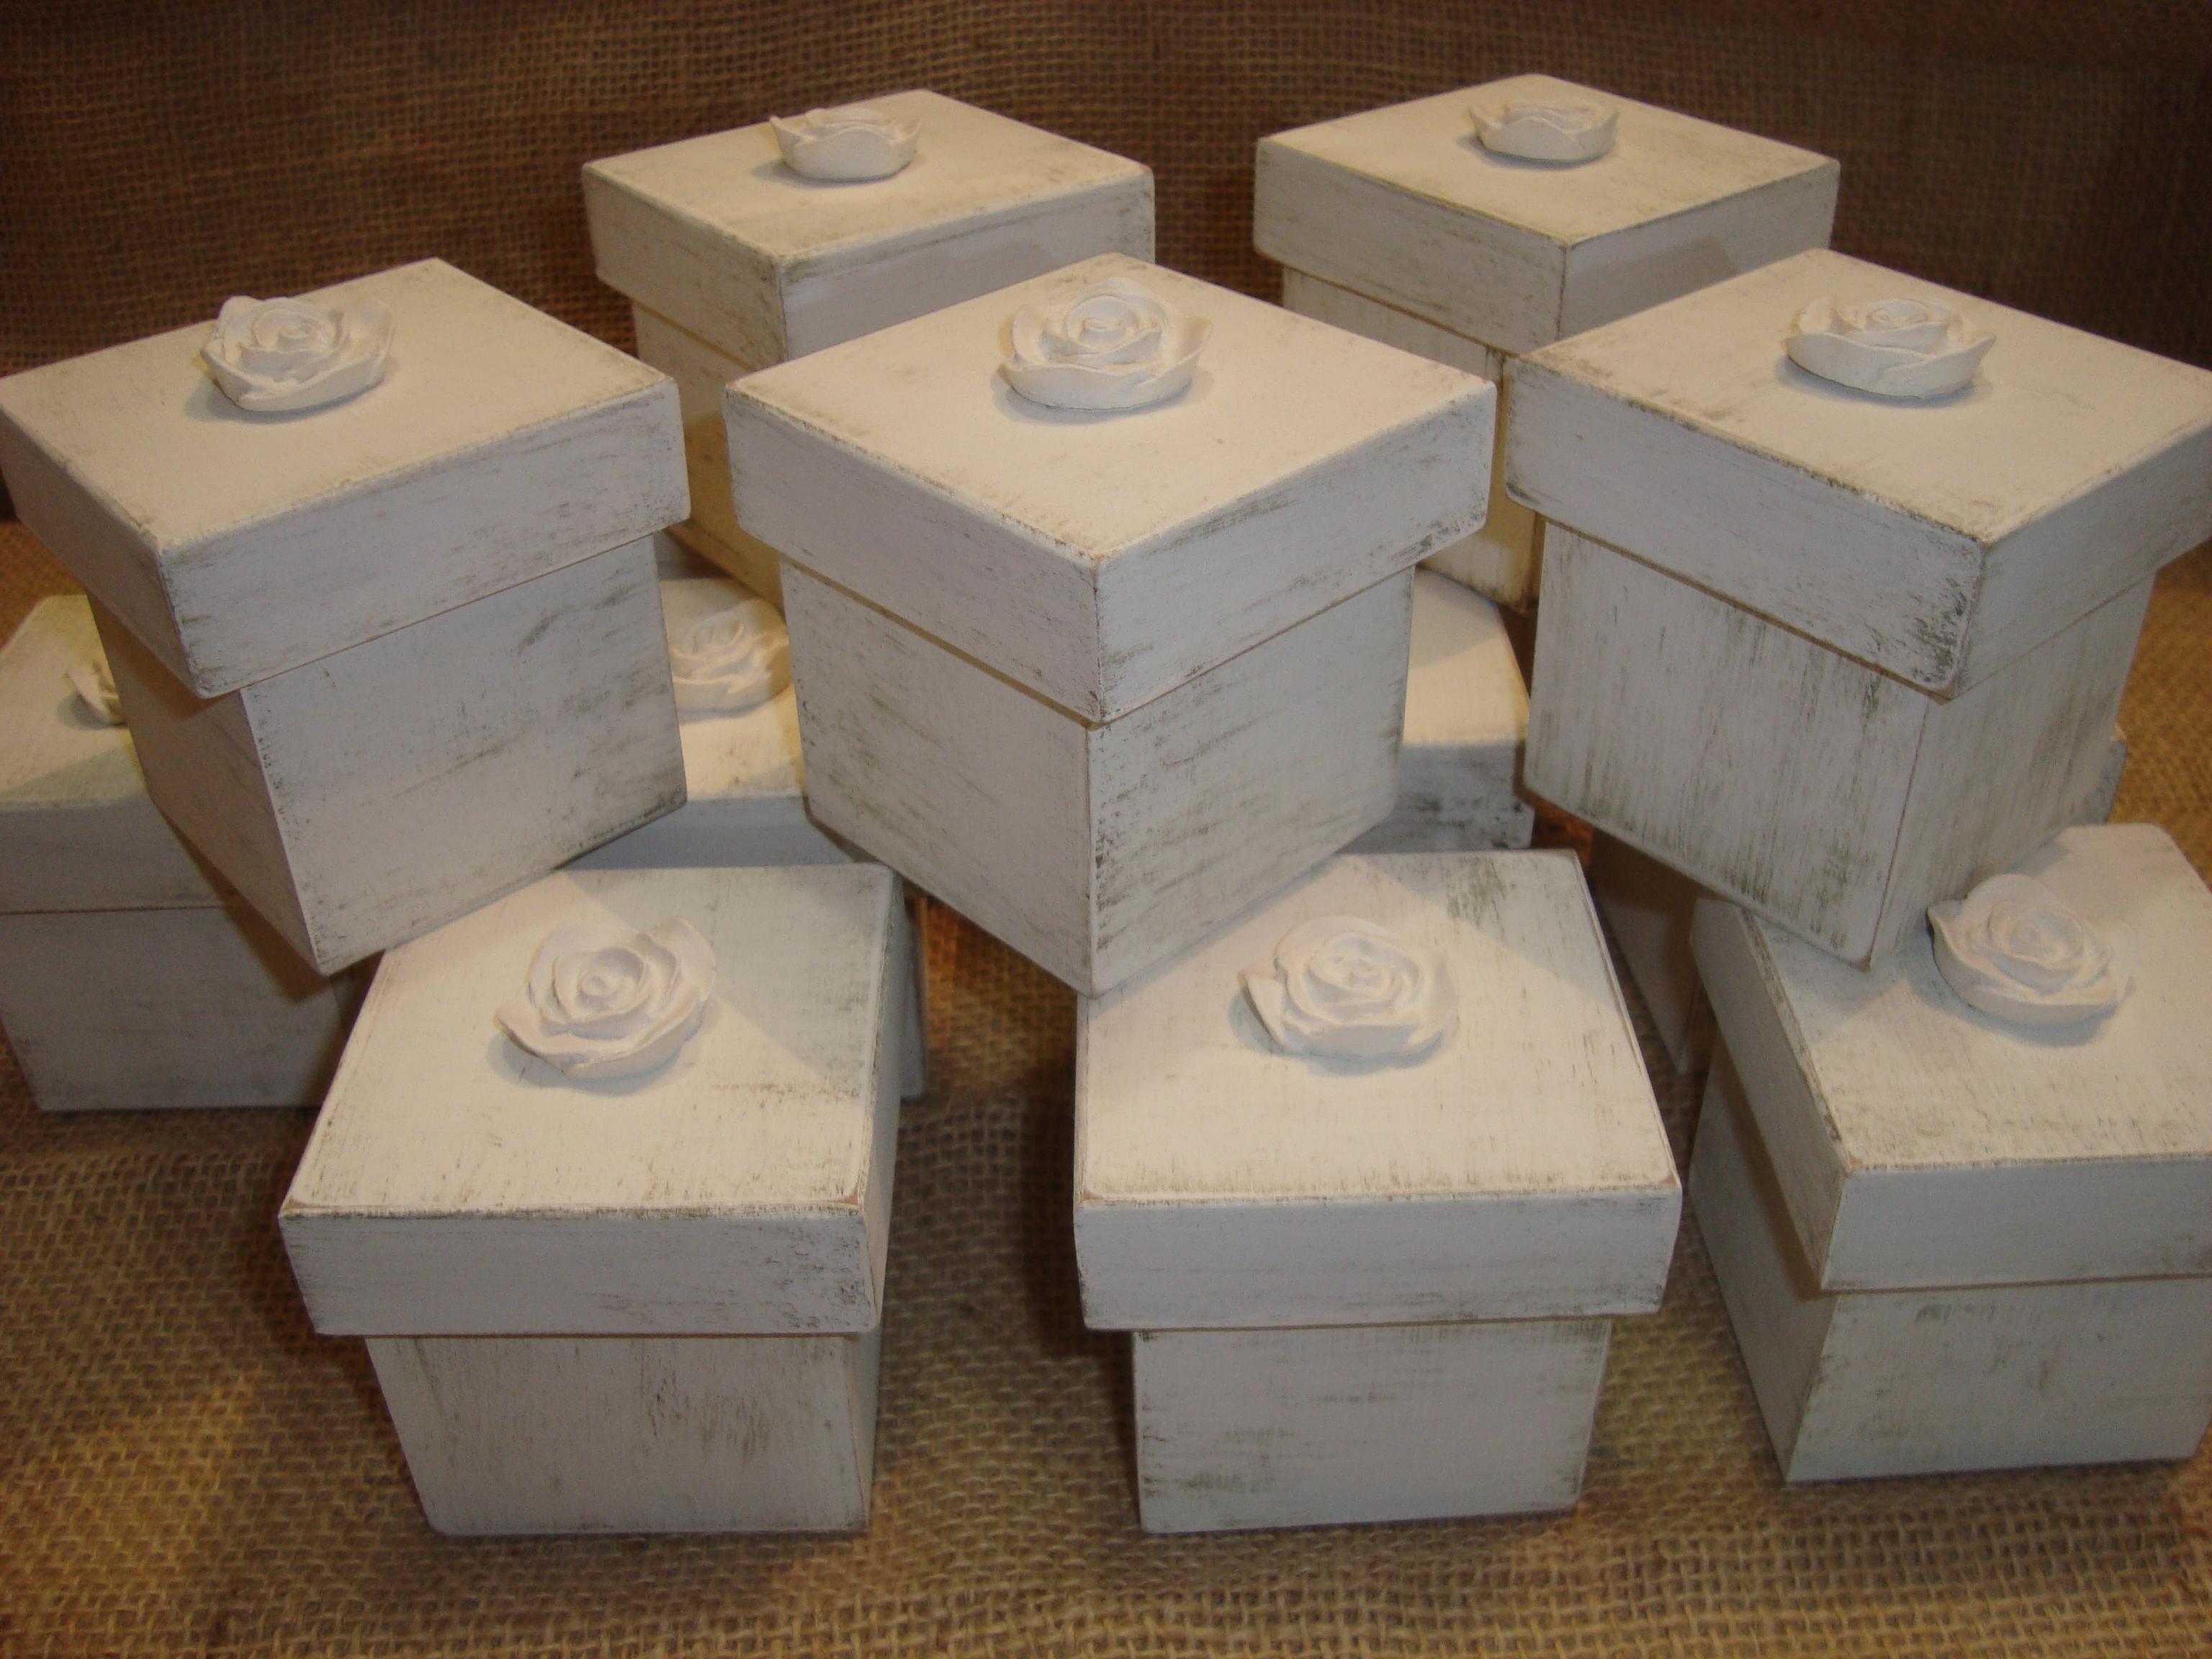 aplique de flor de resina são as lembrancinhas para as daminhas #412C1C 3072x2304